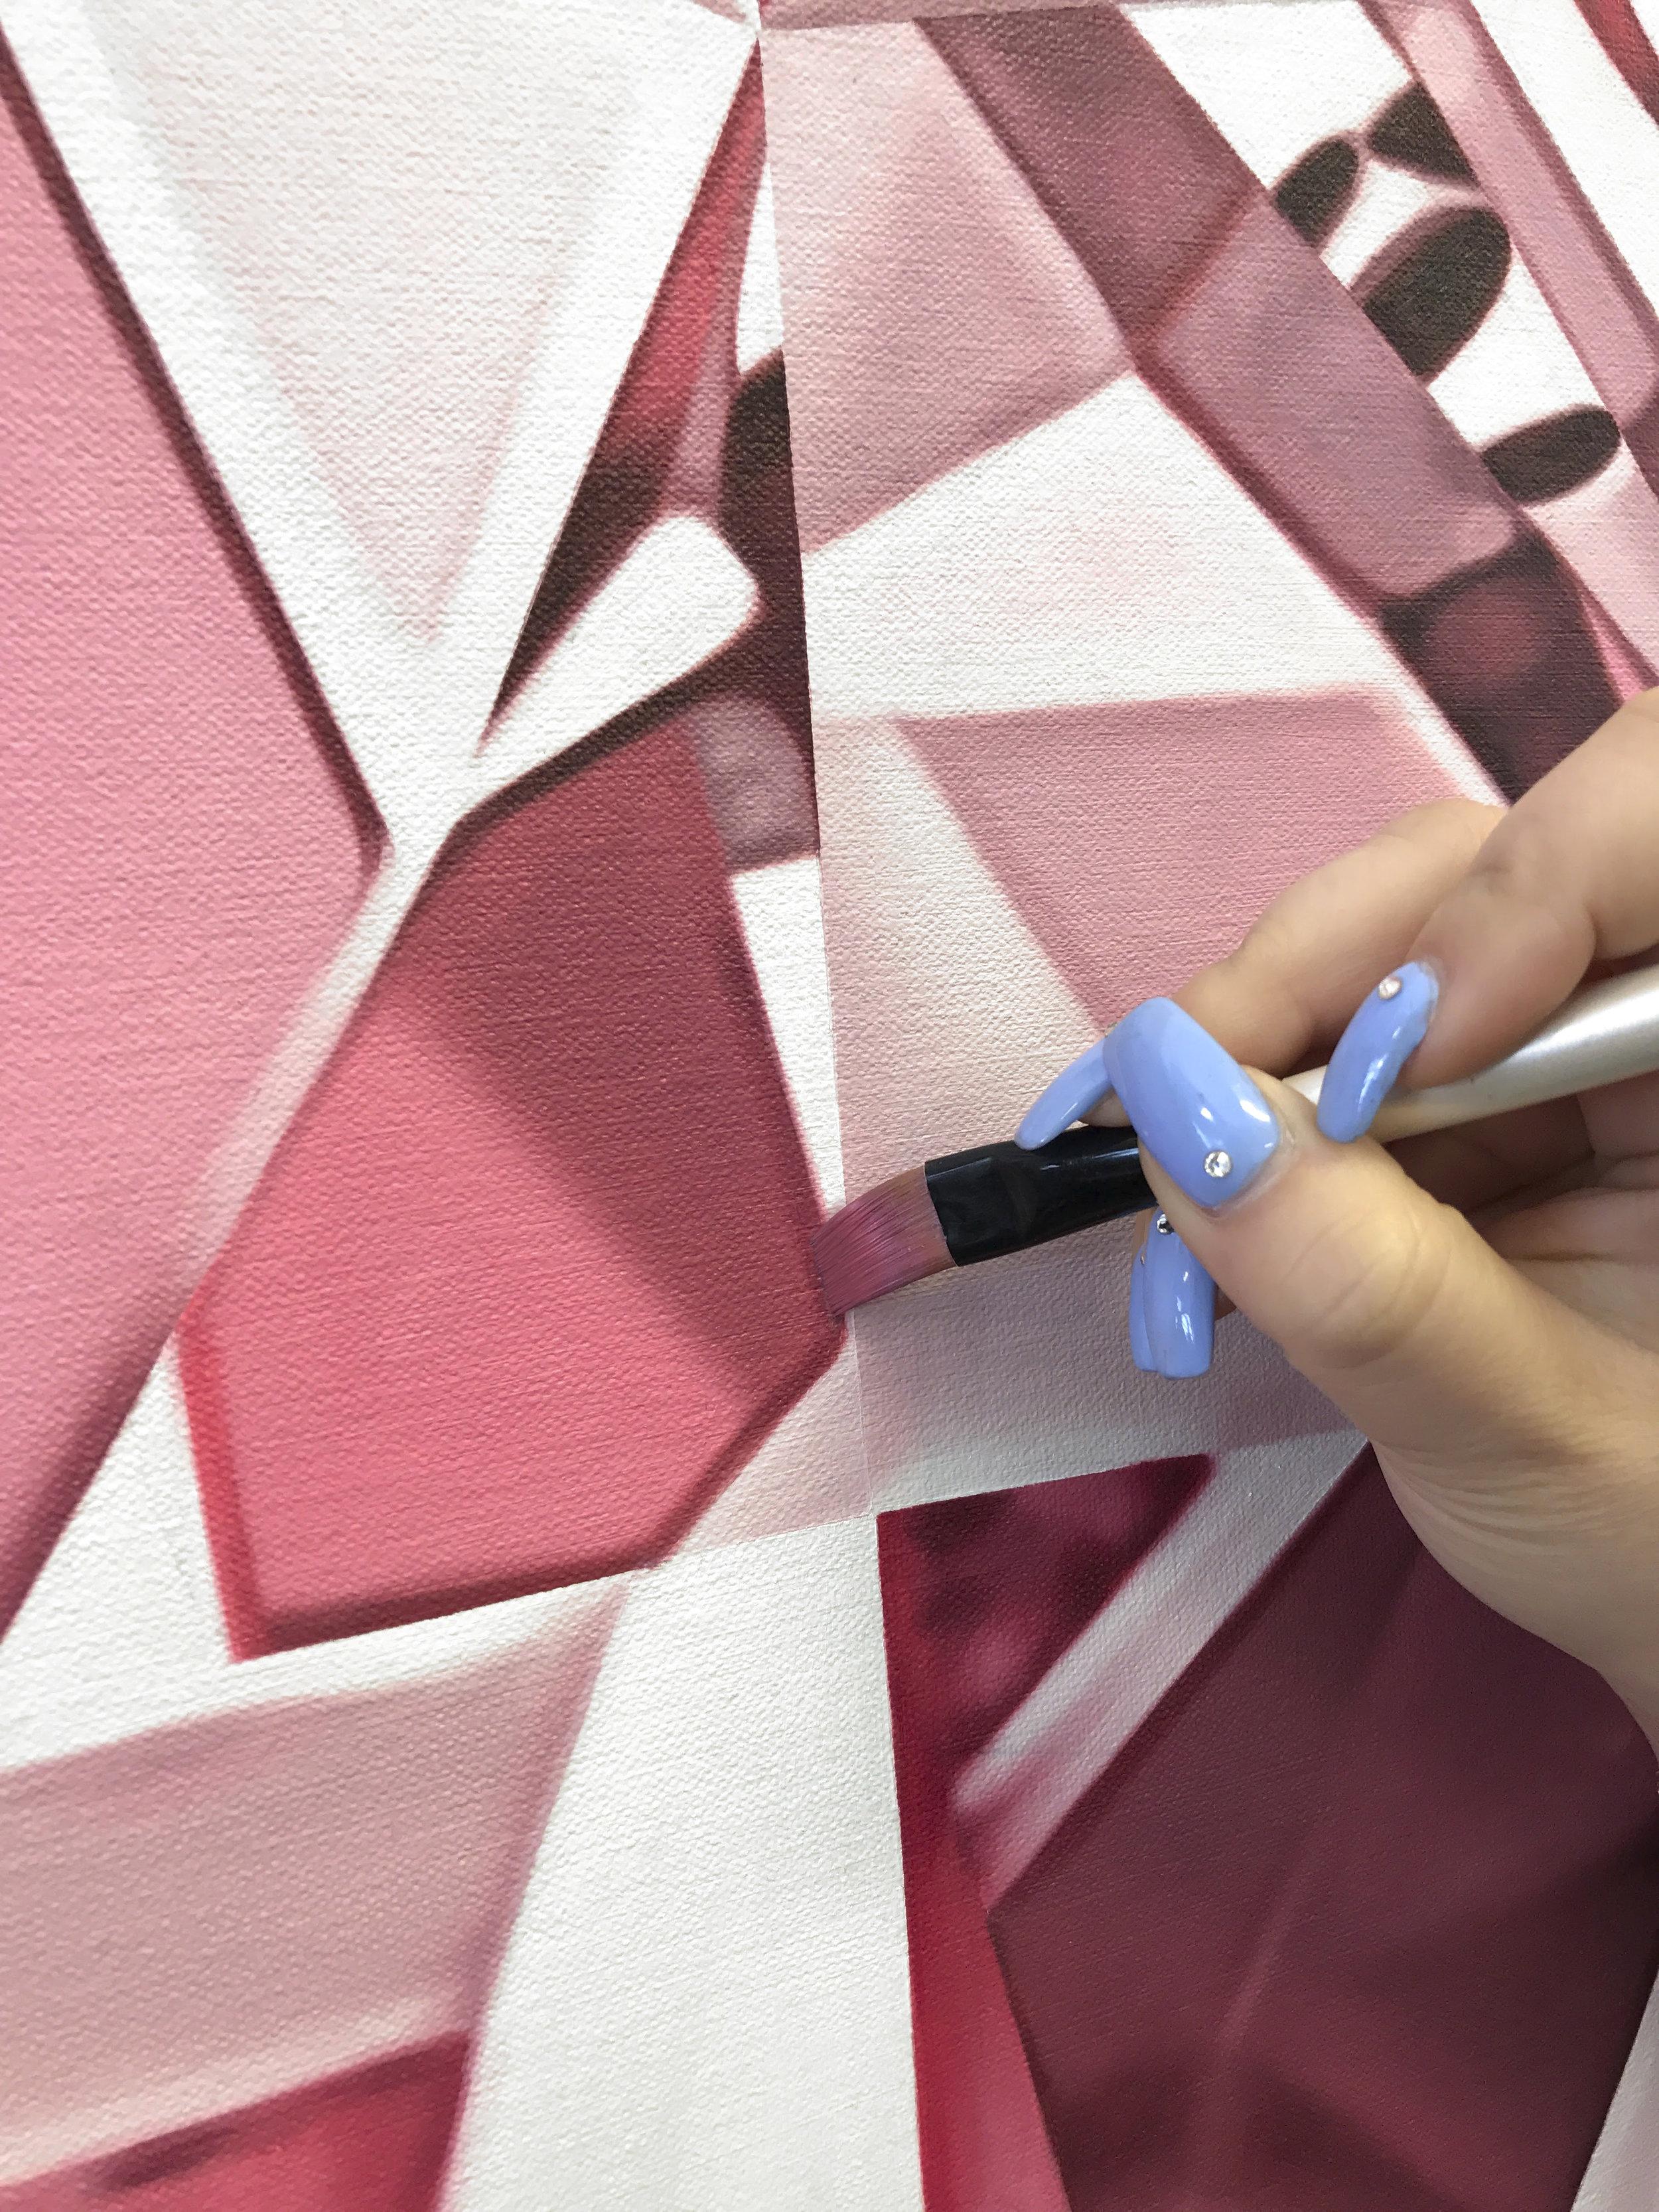 angie-crabtree-pink-diamond-paintings-12.jpg